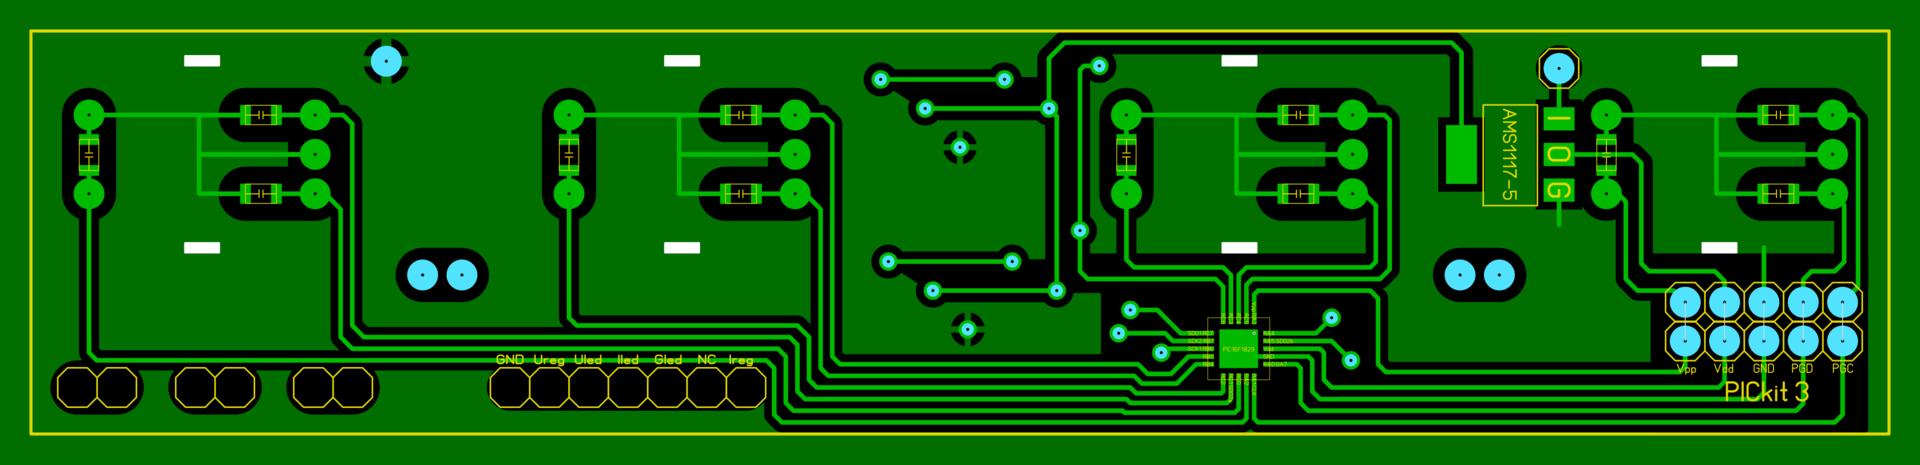 Замена аналоговой регулировки на цифровую в лабораторном блоке питания HY3005D - 8